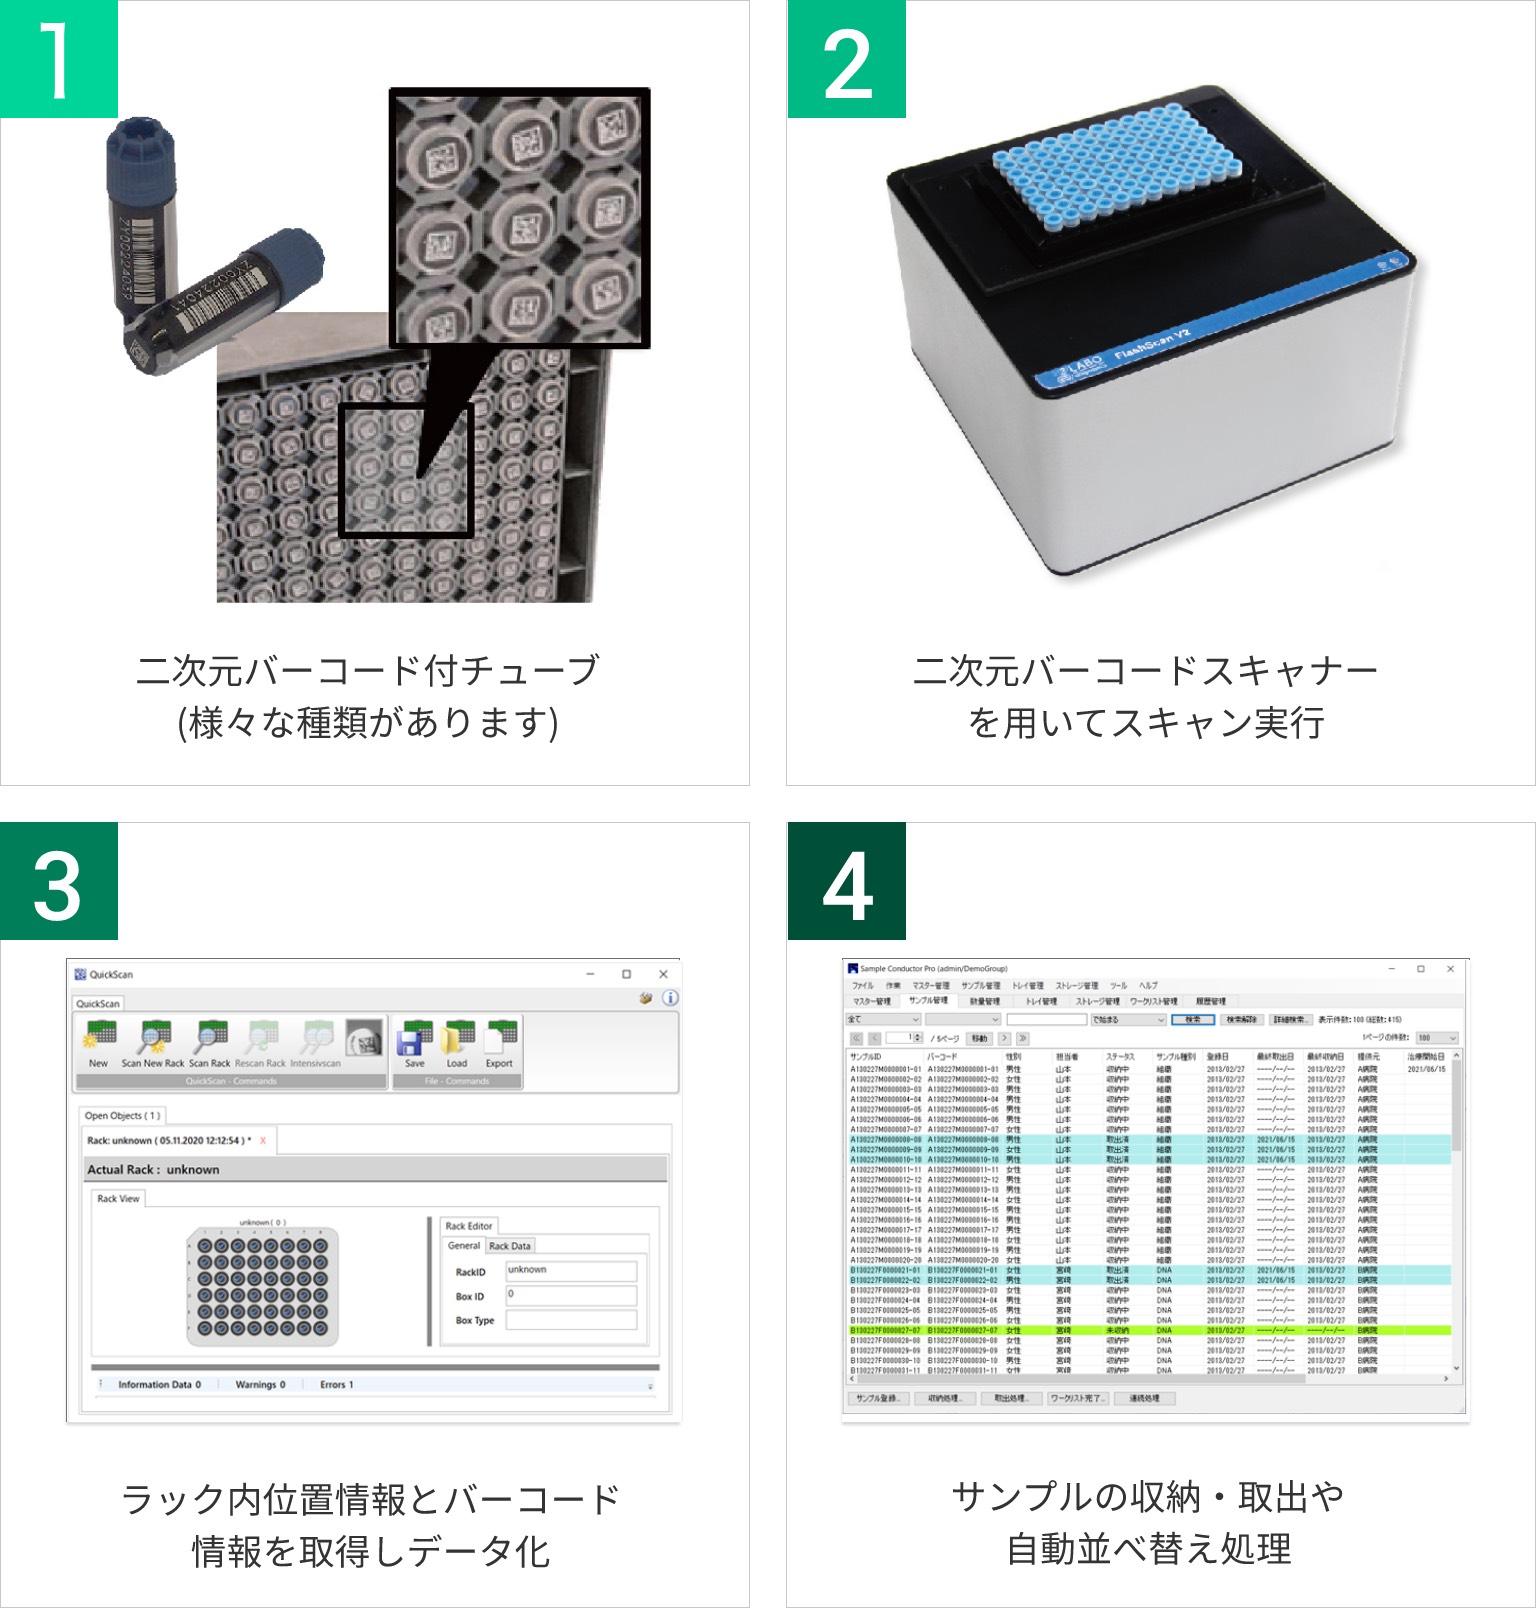 二次元バーコード付きチューブを使用する流れ